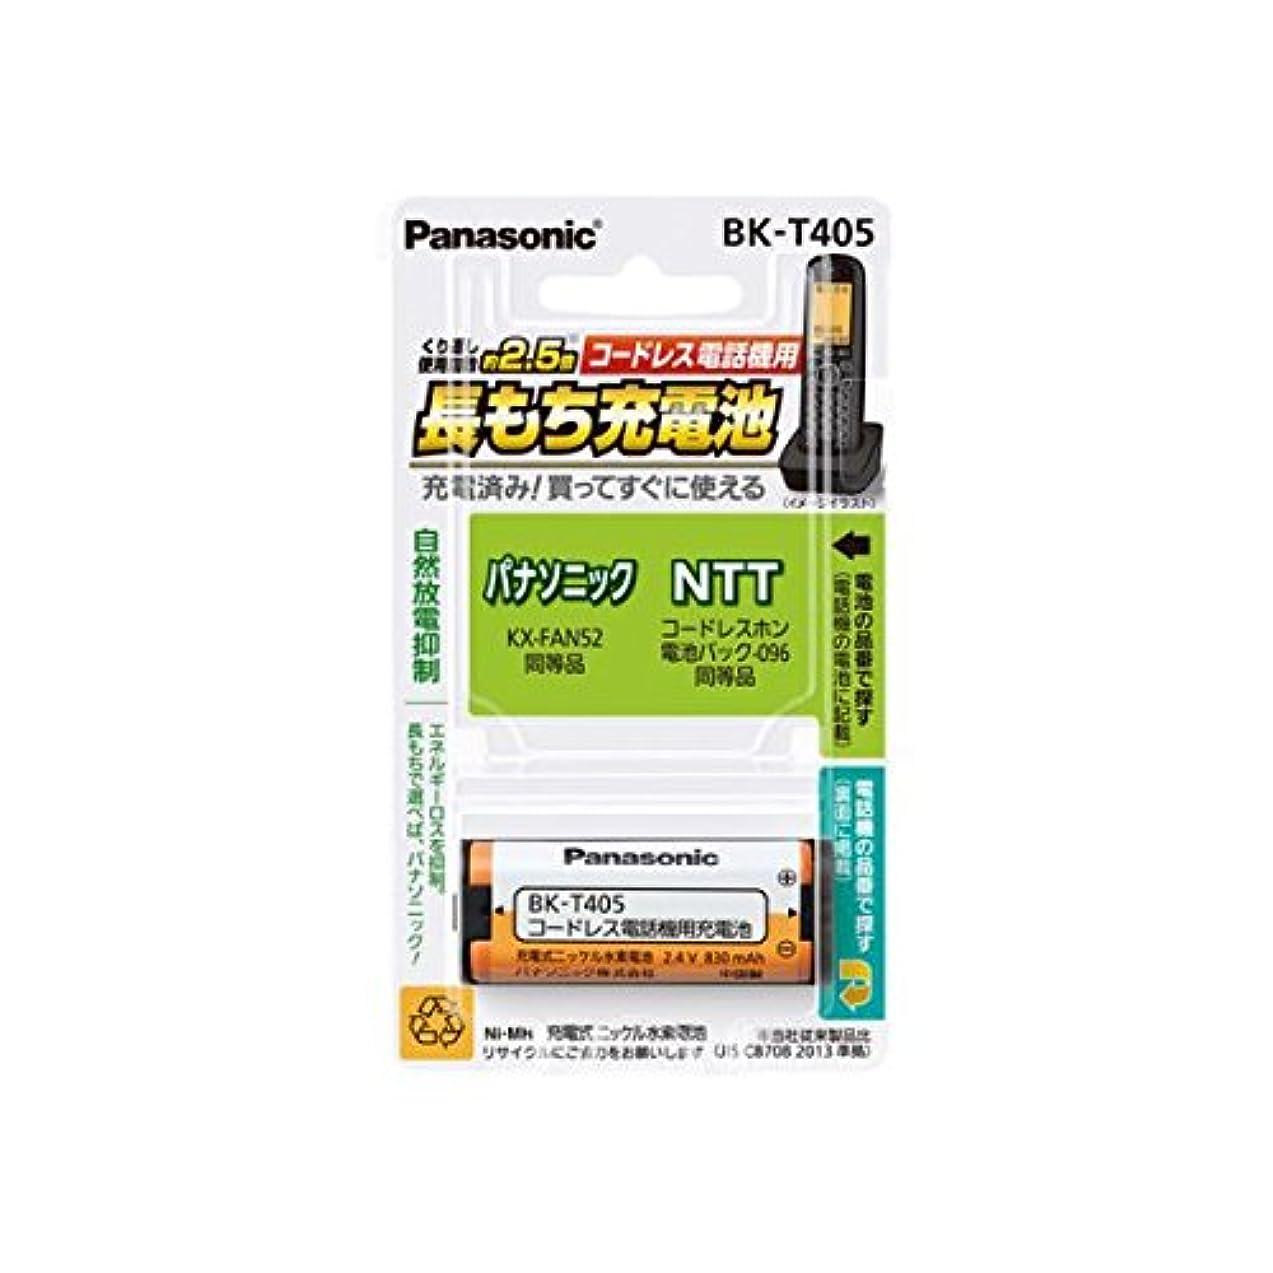 展望台ピークドールパナソニック(家電) 充電式ニッケル水素電池 BK-T405 AV デジモノ パソコン 周辺機器 その他のパソコン 周辺機器 top1-ds-1946605-ak [簡易パッケージ品]